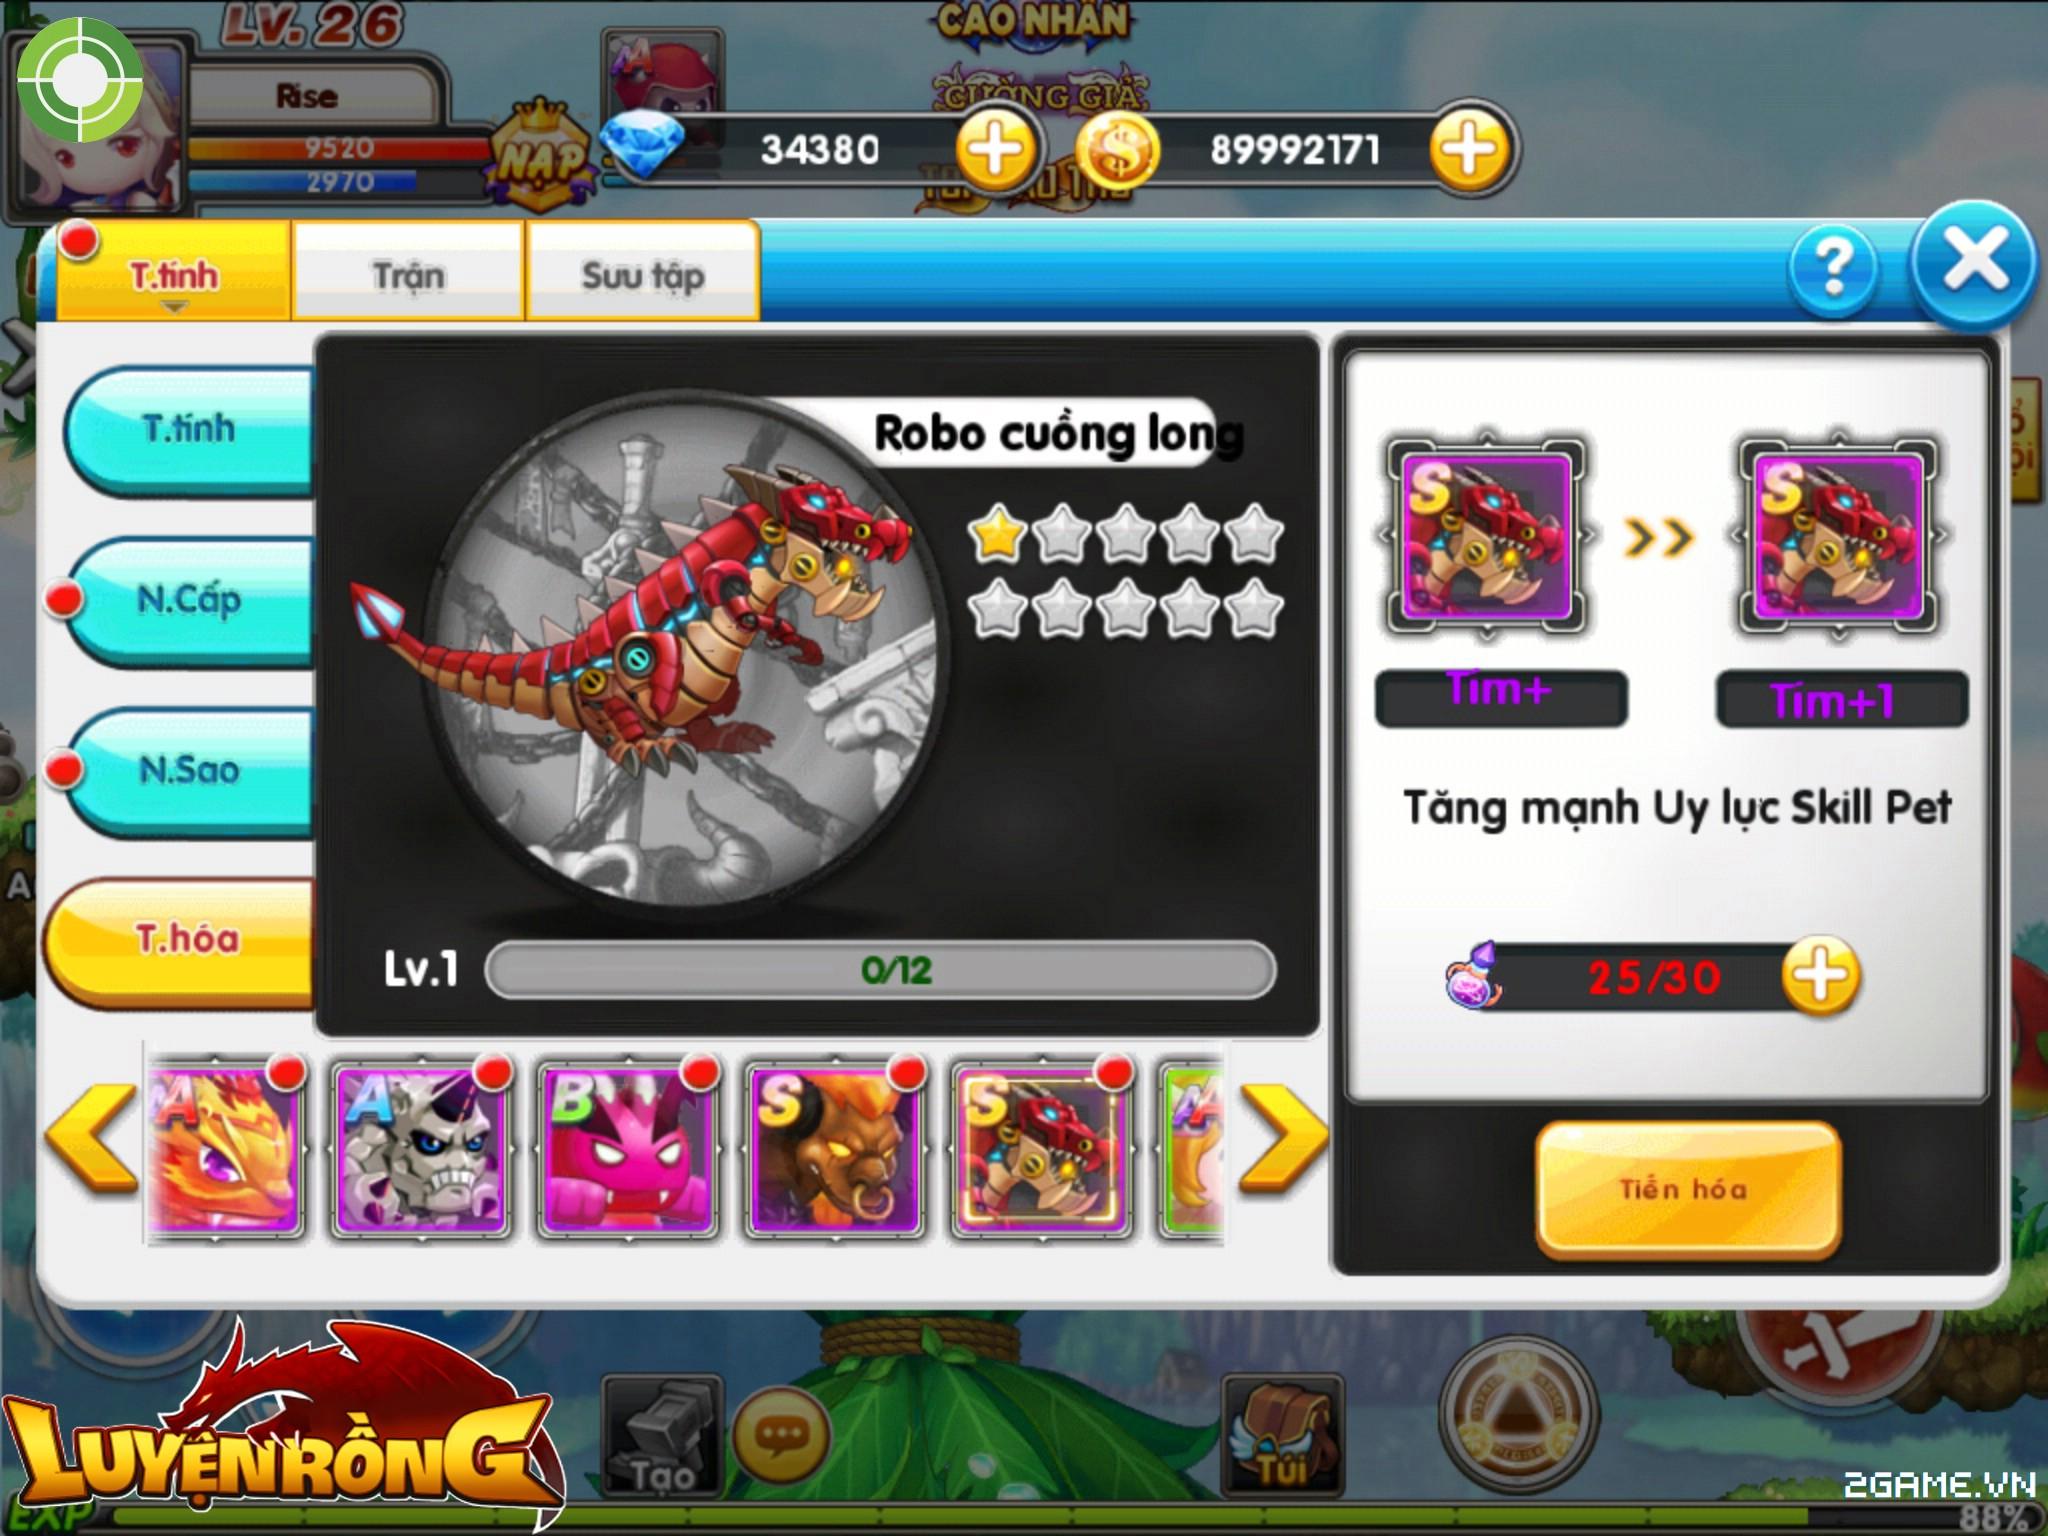 Tìm hiểu hệ thống pet trong Luyện Rồng mobile 3